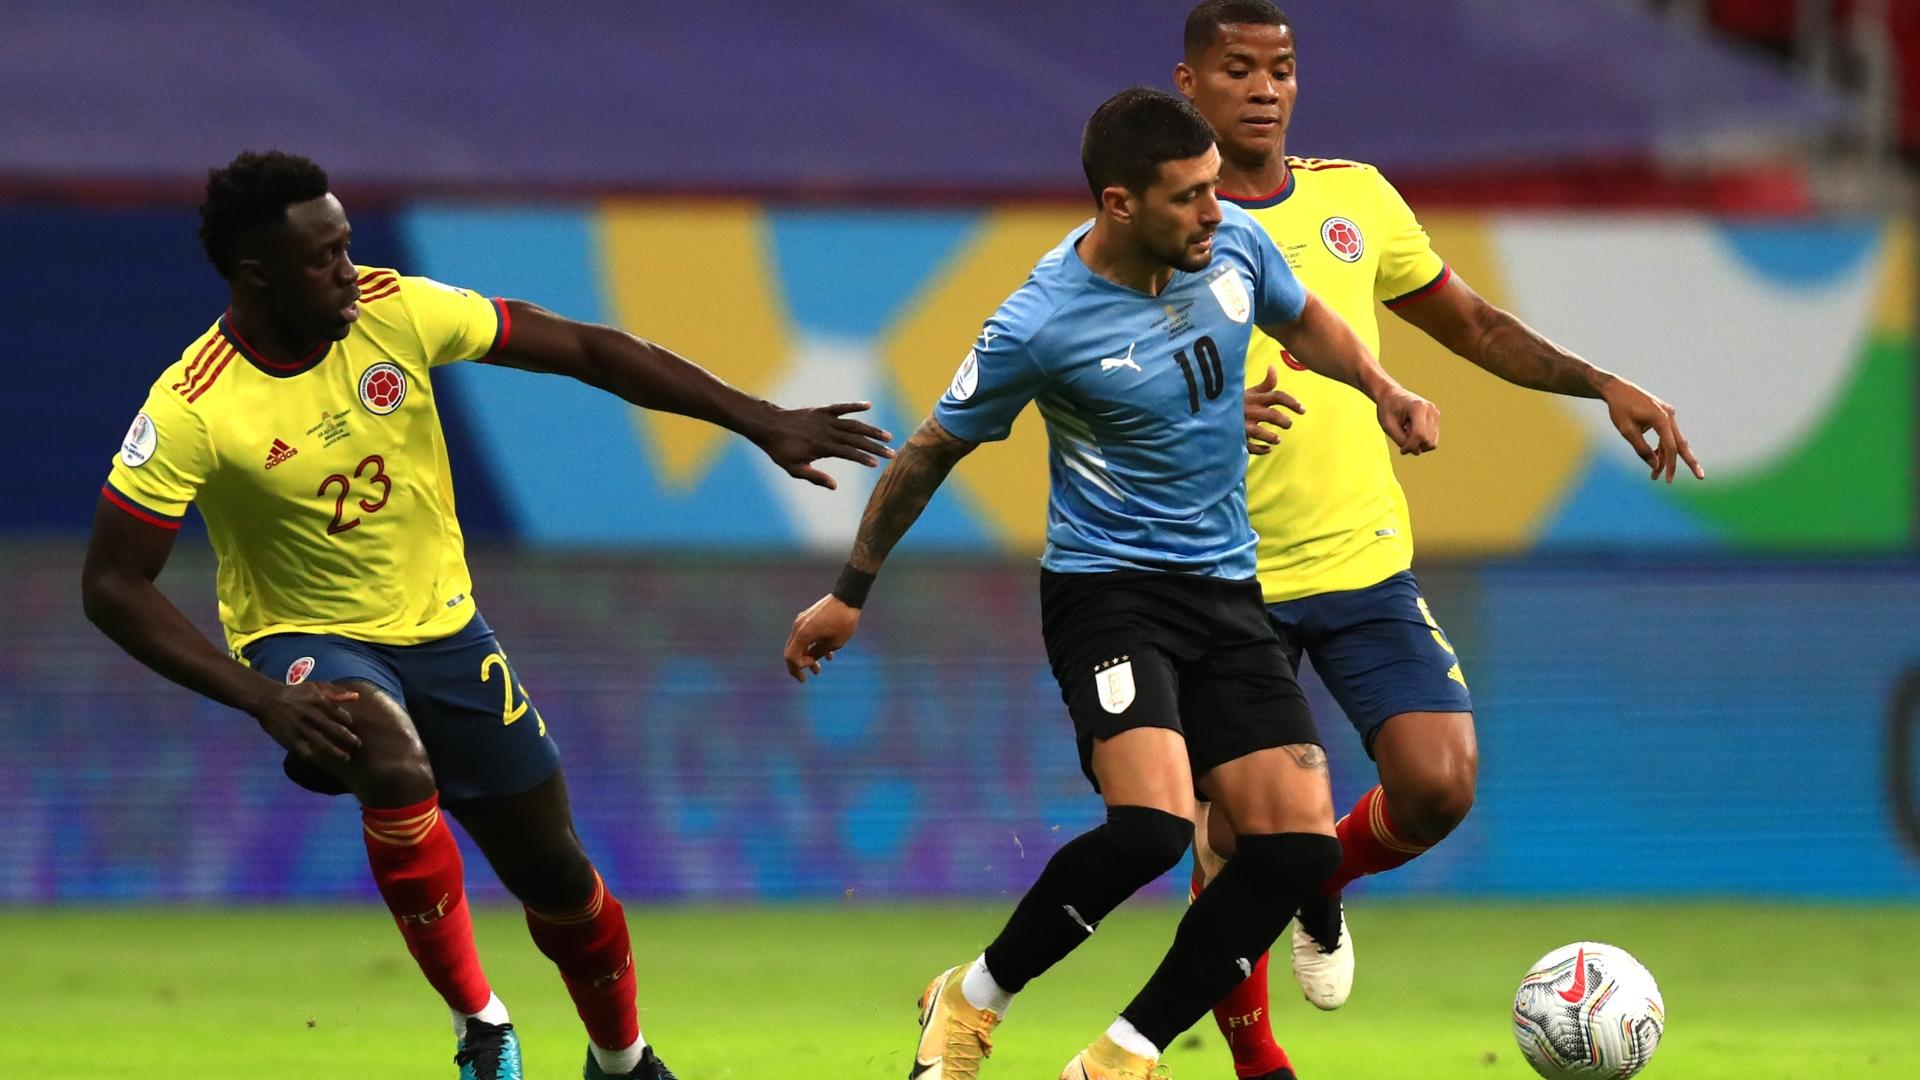 Tuyển Uruguay phải dừng bước trước thềm bán kết Copa America 2021